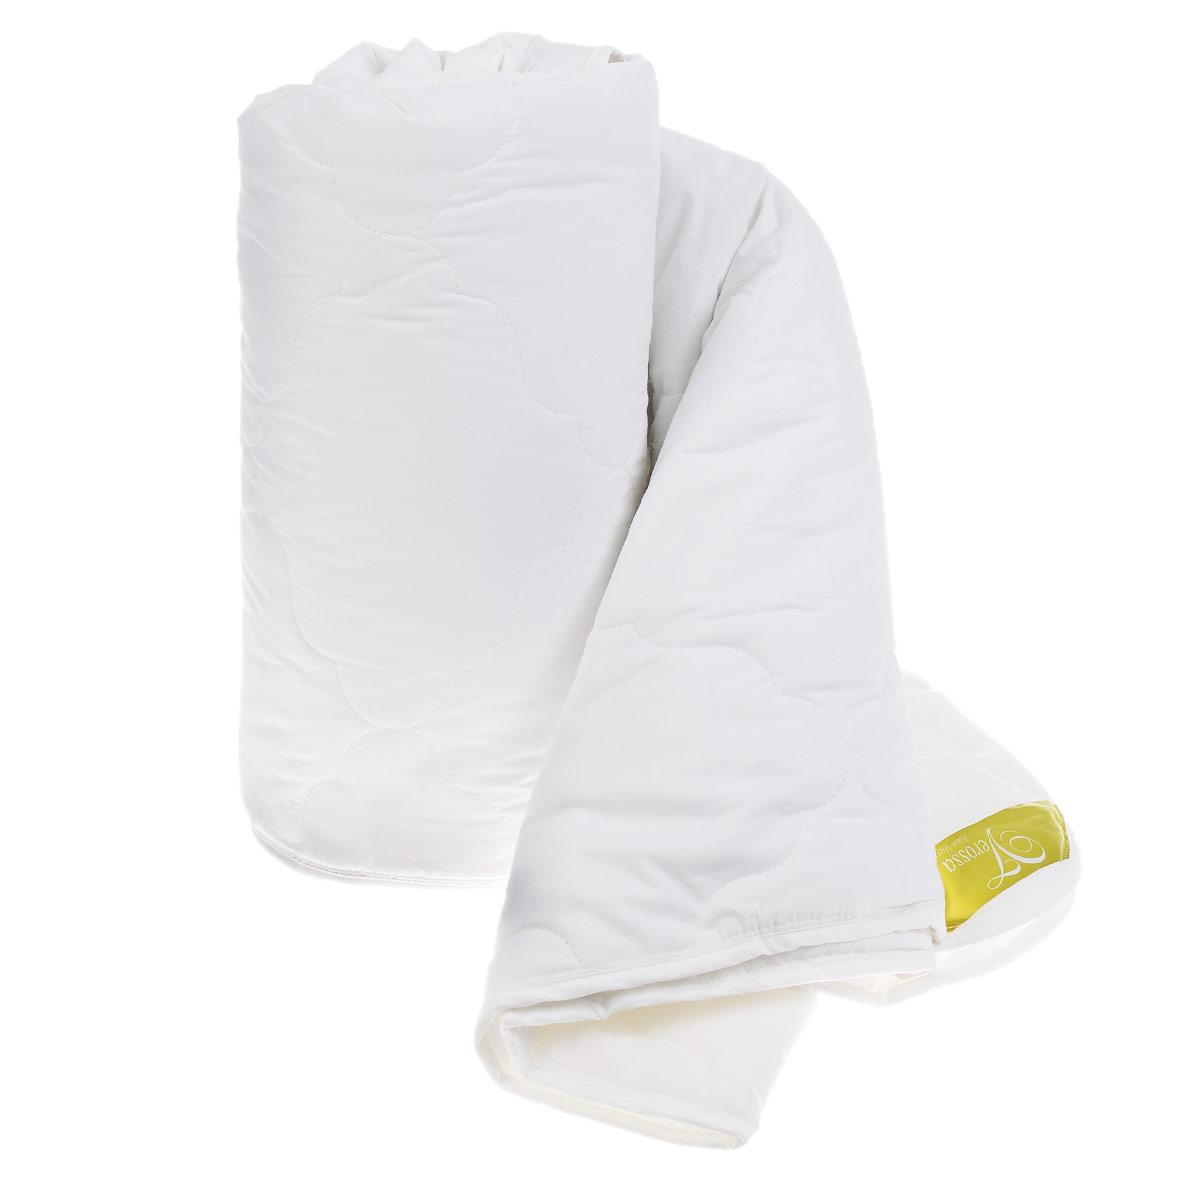 Одеяло легкое Verossa AloeVera, наполнитель: полиэстер, цвет: белый, 200 см х 220 см531-105Легкое одеяло Verossa AloeVera подарит незабываемое чувство комфорта и уюта во время сна. При уменьшении статического электричества качество сна увеличивается, вы почувствуете себя более отдохнувшим и снявшим стресс. Идеально подойдет людям, которые много времени проводят на работе, подвержены стрессу и заботятся о своем здоровье. Изделие также отлично отводит и испаряет влагу.Одеяло упаковано в пластиковую сумку-чехол, закрывающуюся на застежку-молнию.Рекомендации по уходу: - Можно стирать в стиральной машине при температуре не выше 30°С. - Не отбеливать. - Не гладить. - Нельзя отжимать и сушить в стиральной машине. - Химчистка с мягким растворителем. - Сушить на горизонтальной поверхности. Материал чехла: 65% хлопок, 35% полиэстер.Наполнитель: 100% полиэстер. Размер: 200 см х 220 см. Плотность наполнителя: 150 г/м2.